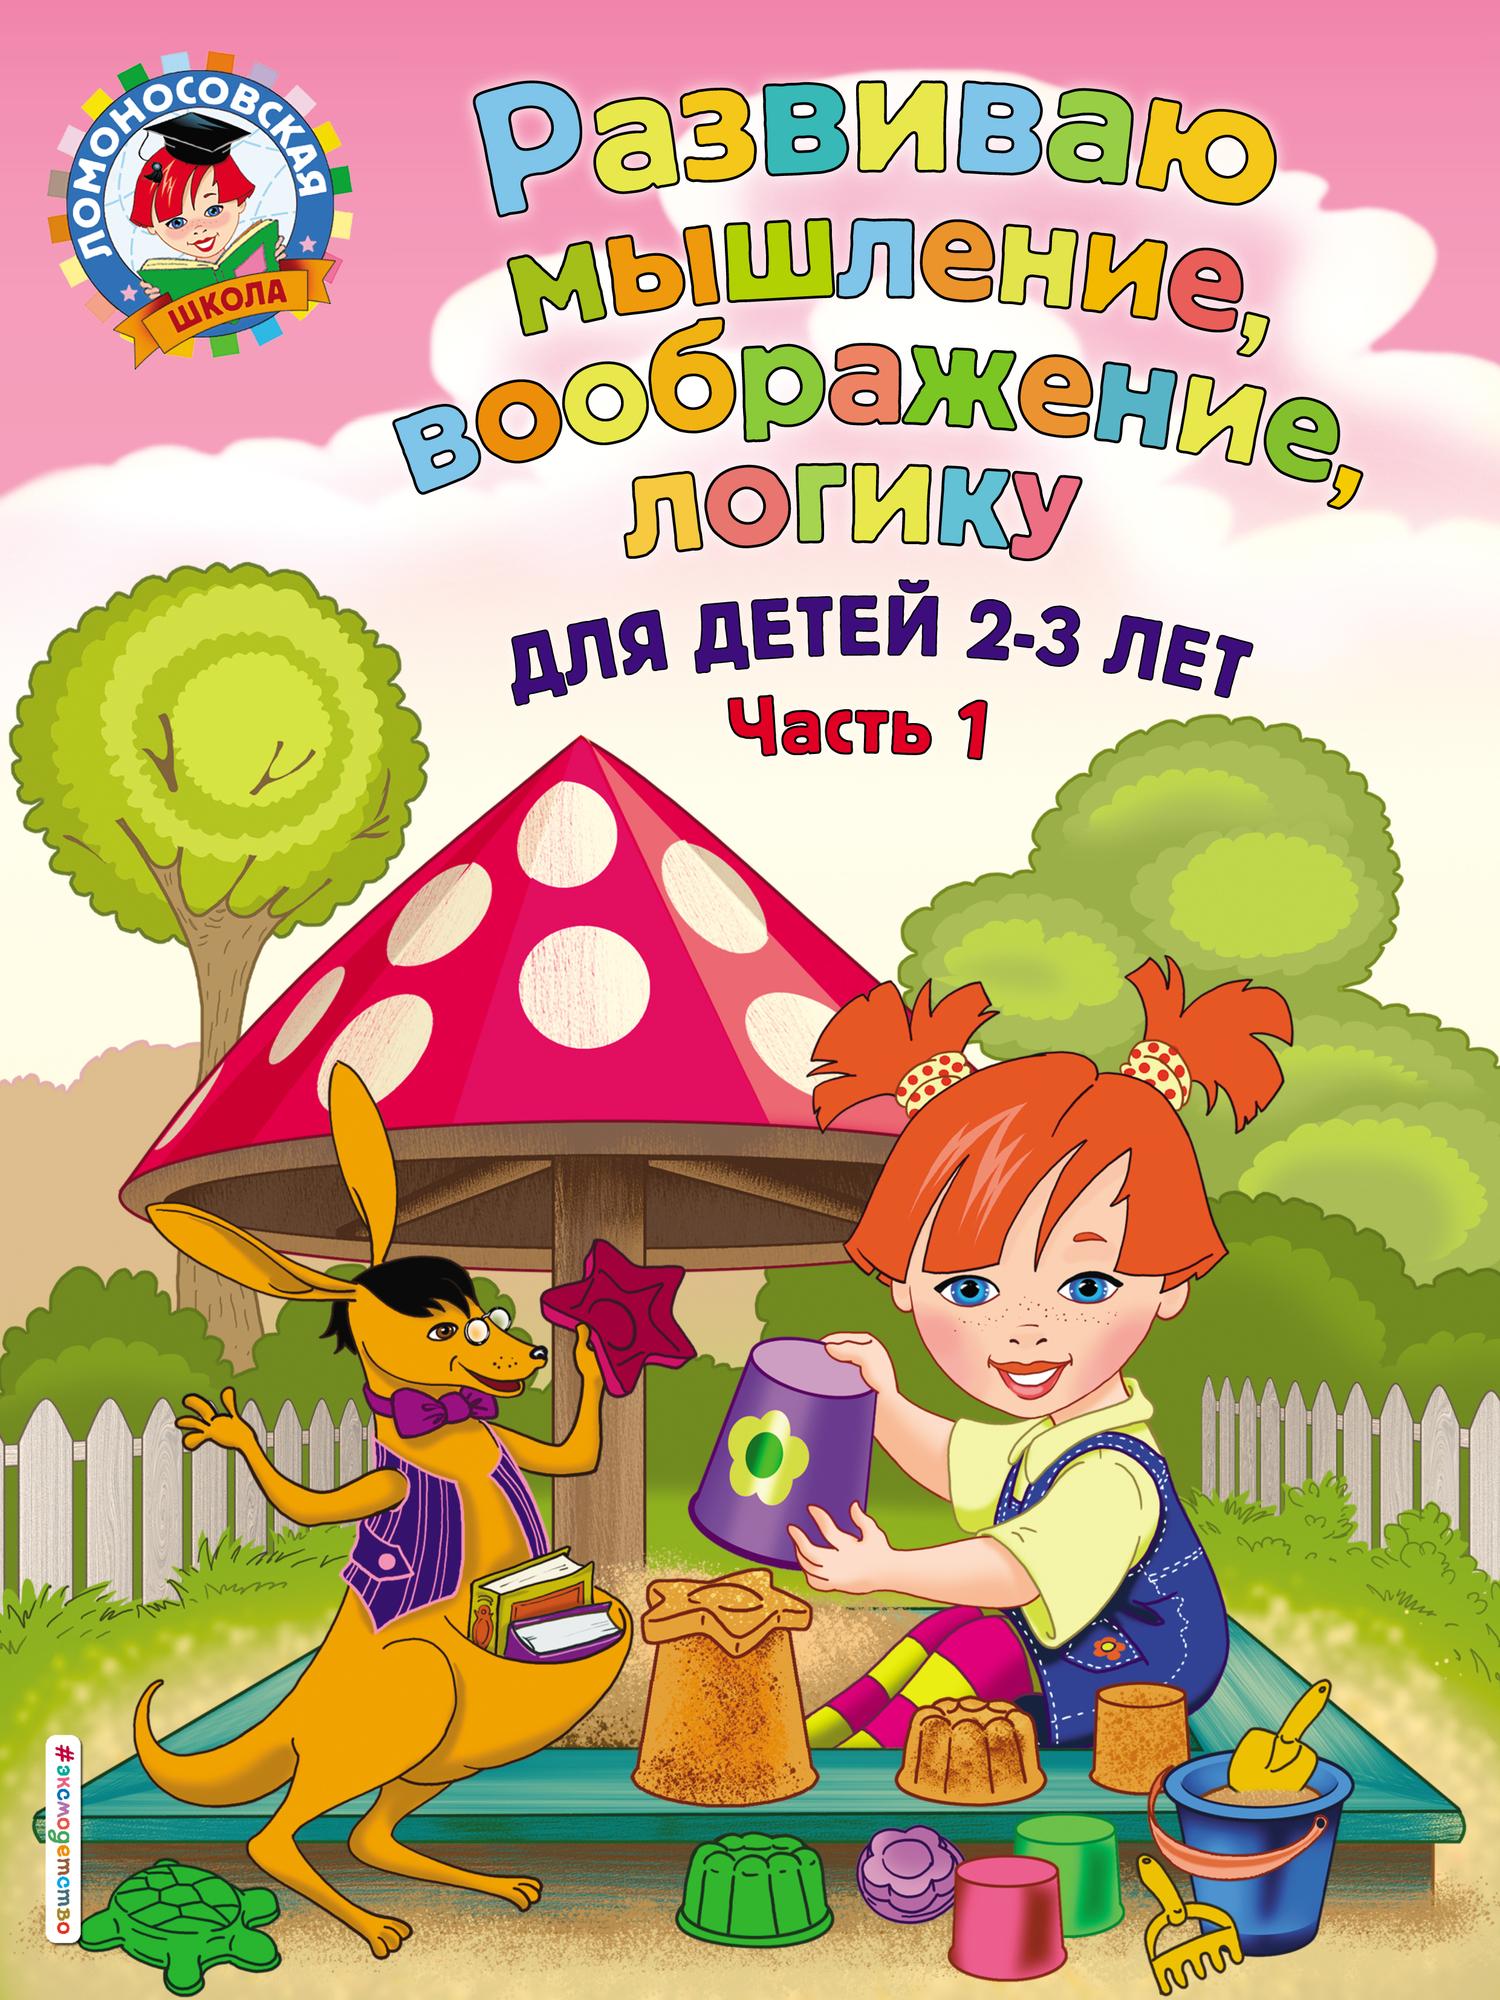 С. М. Шкляревская, книга Развиваю мышление, воображение ...